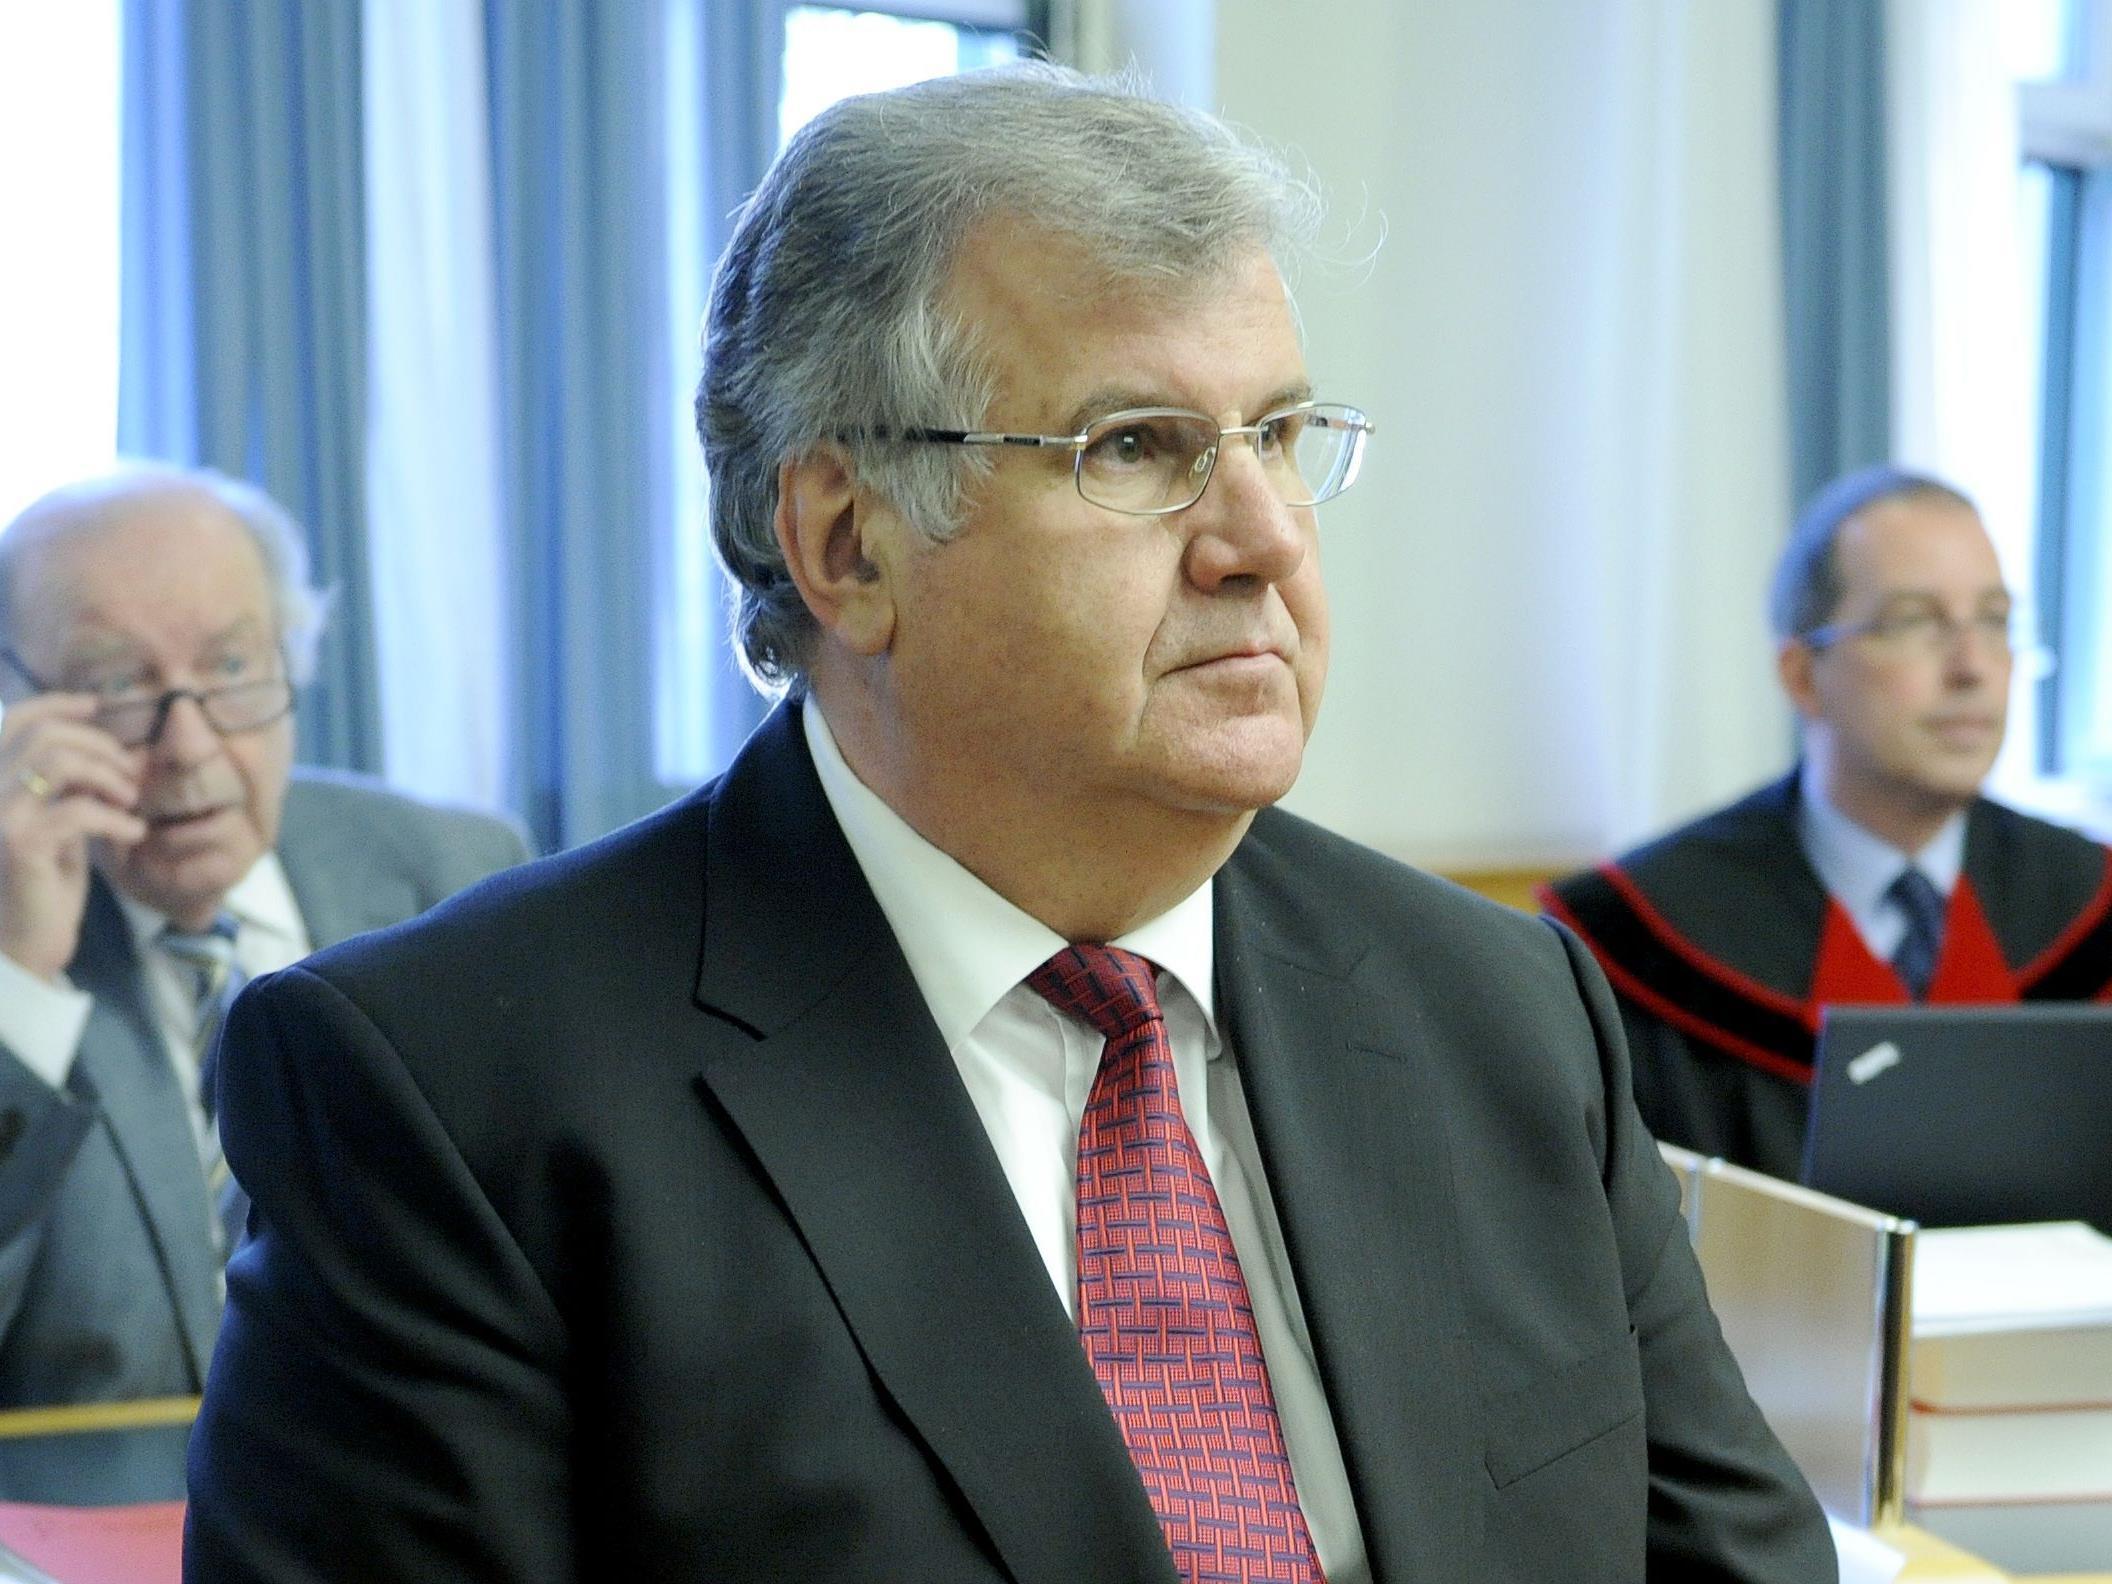 Heinz Jungwirth soll mehr als 2 Mio. Euro für private Zwecke verwendet haben.